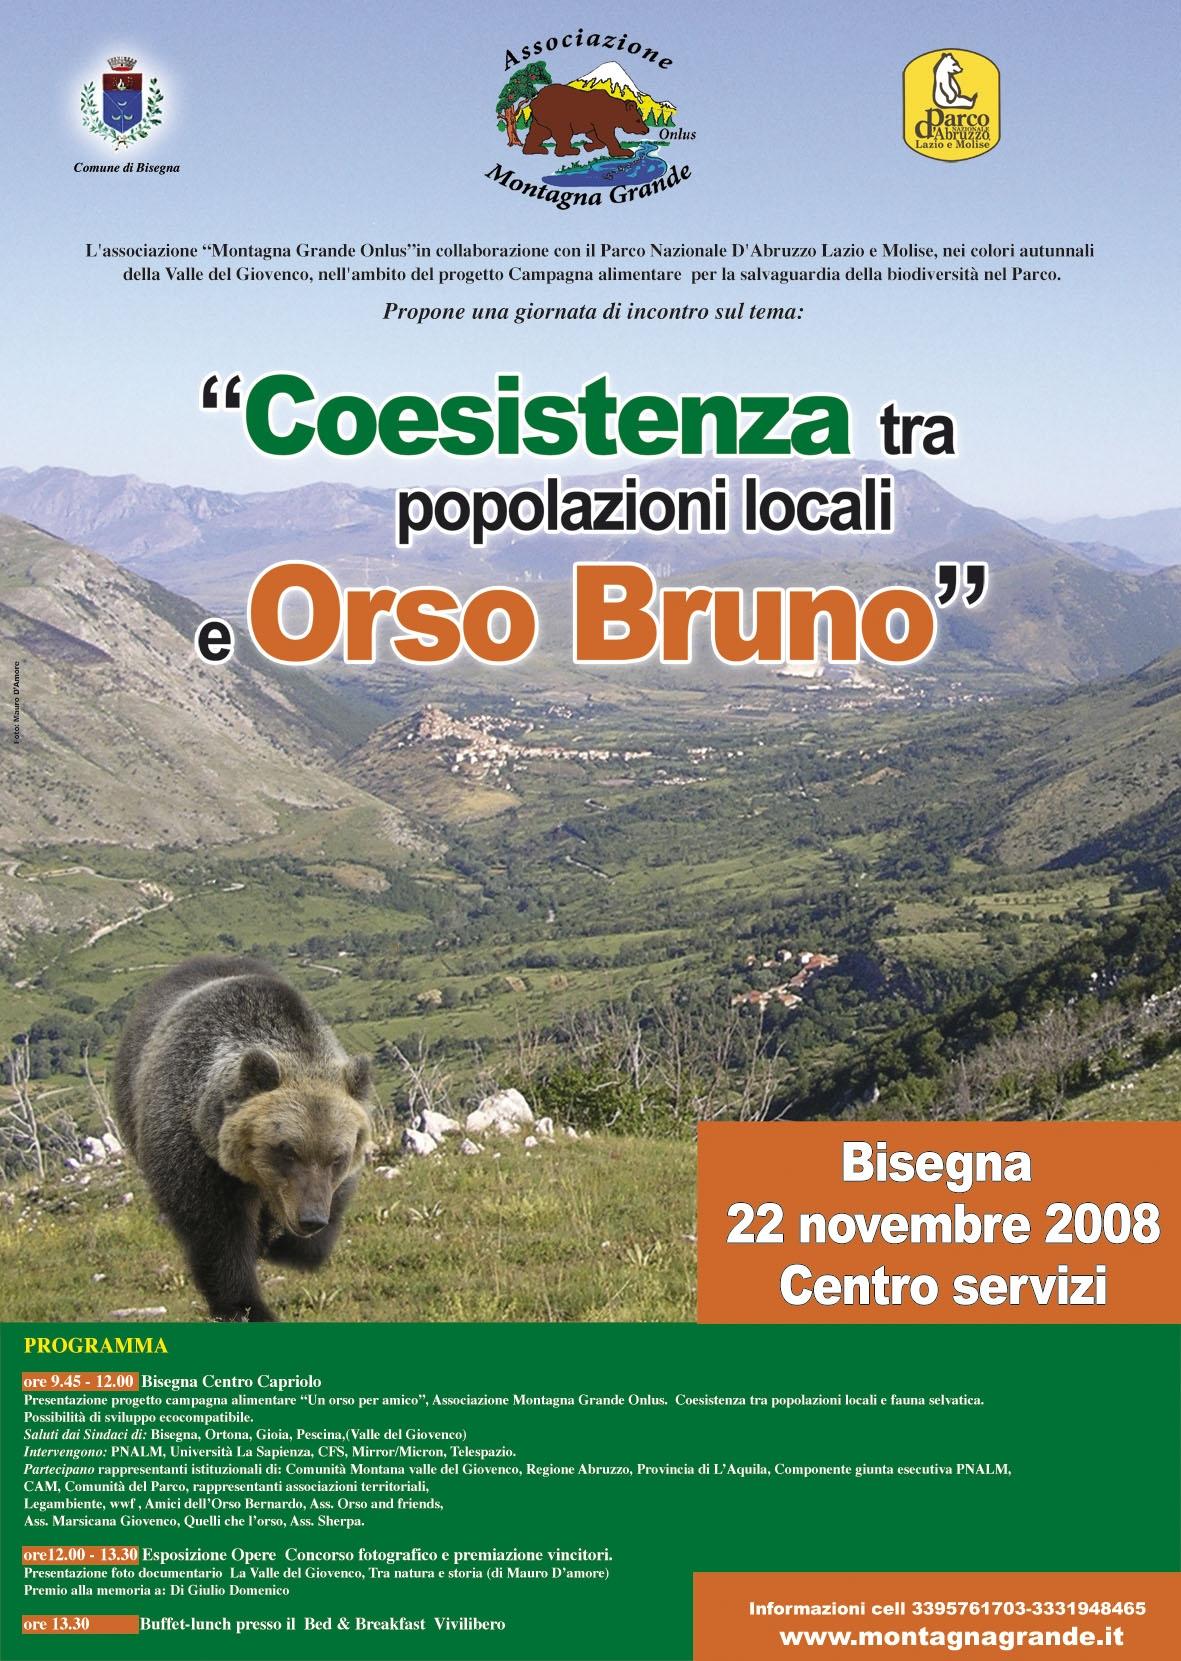 Coesistenza tra popolazioni locali e orso bruno for Cabina di montagna grande orso